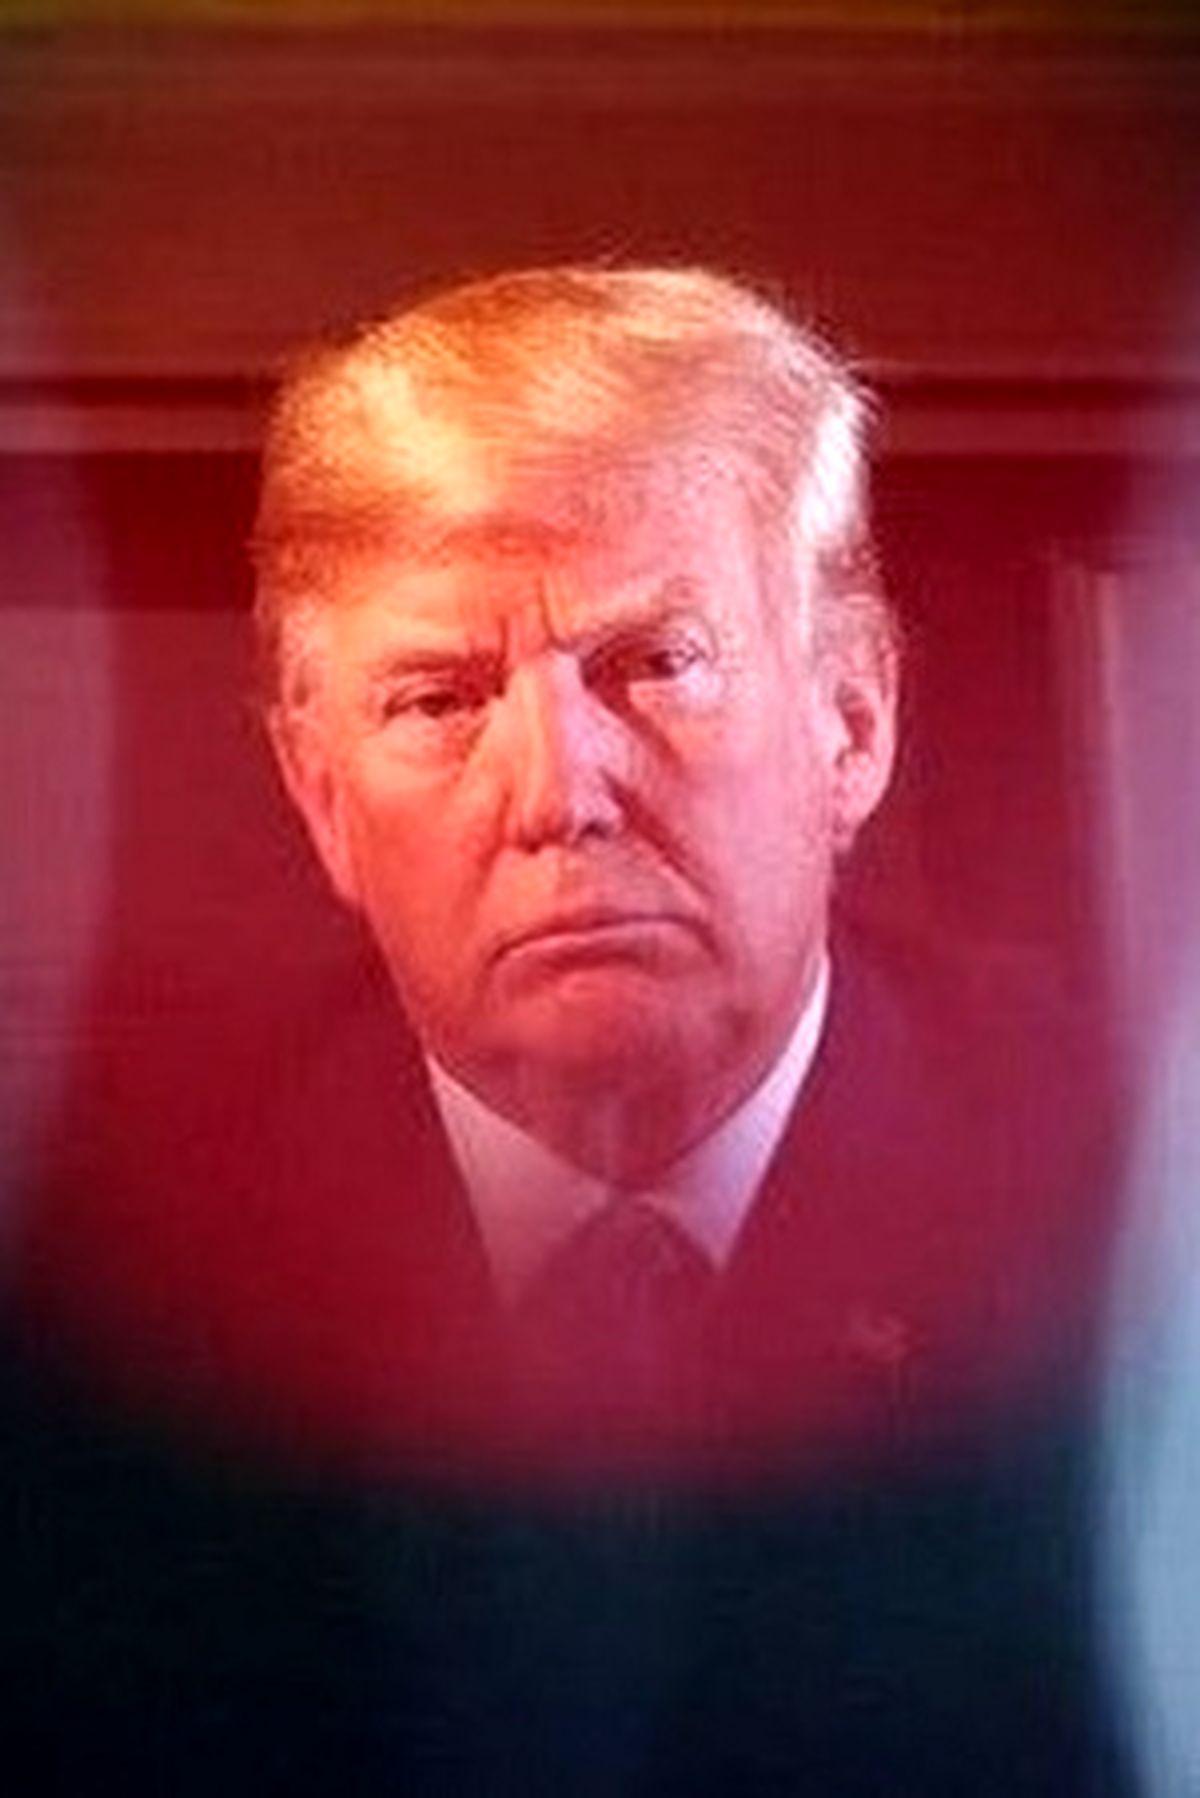 حمله دوباره ترامپ به برجام ؛ جمهوریخواهان نقشه جدید کشیده اند